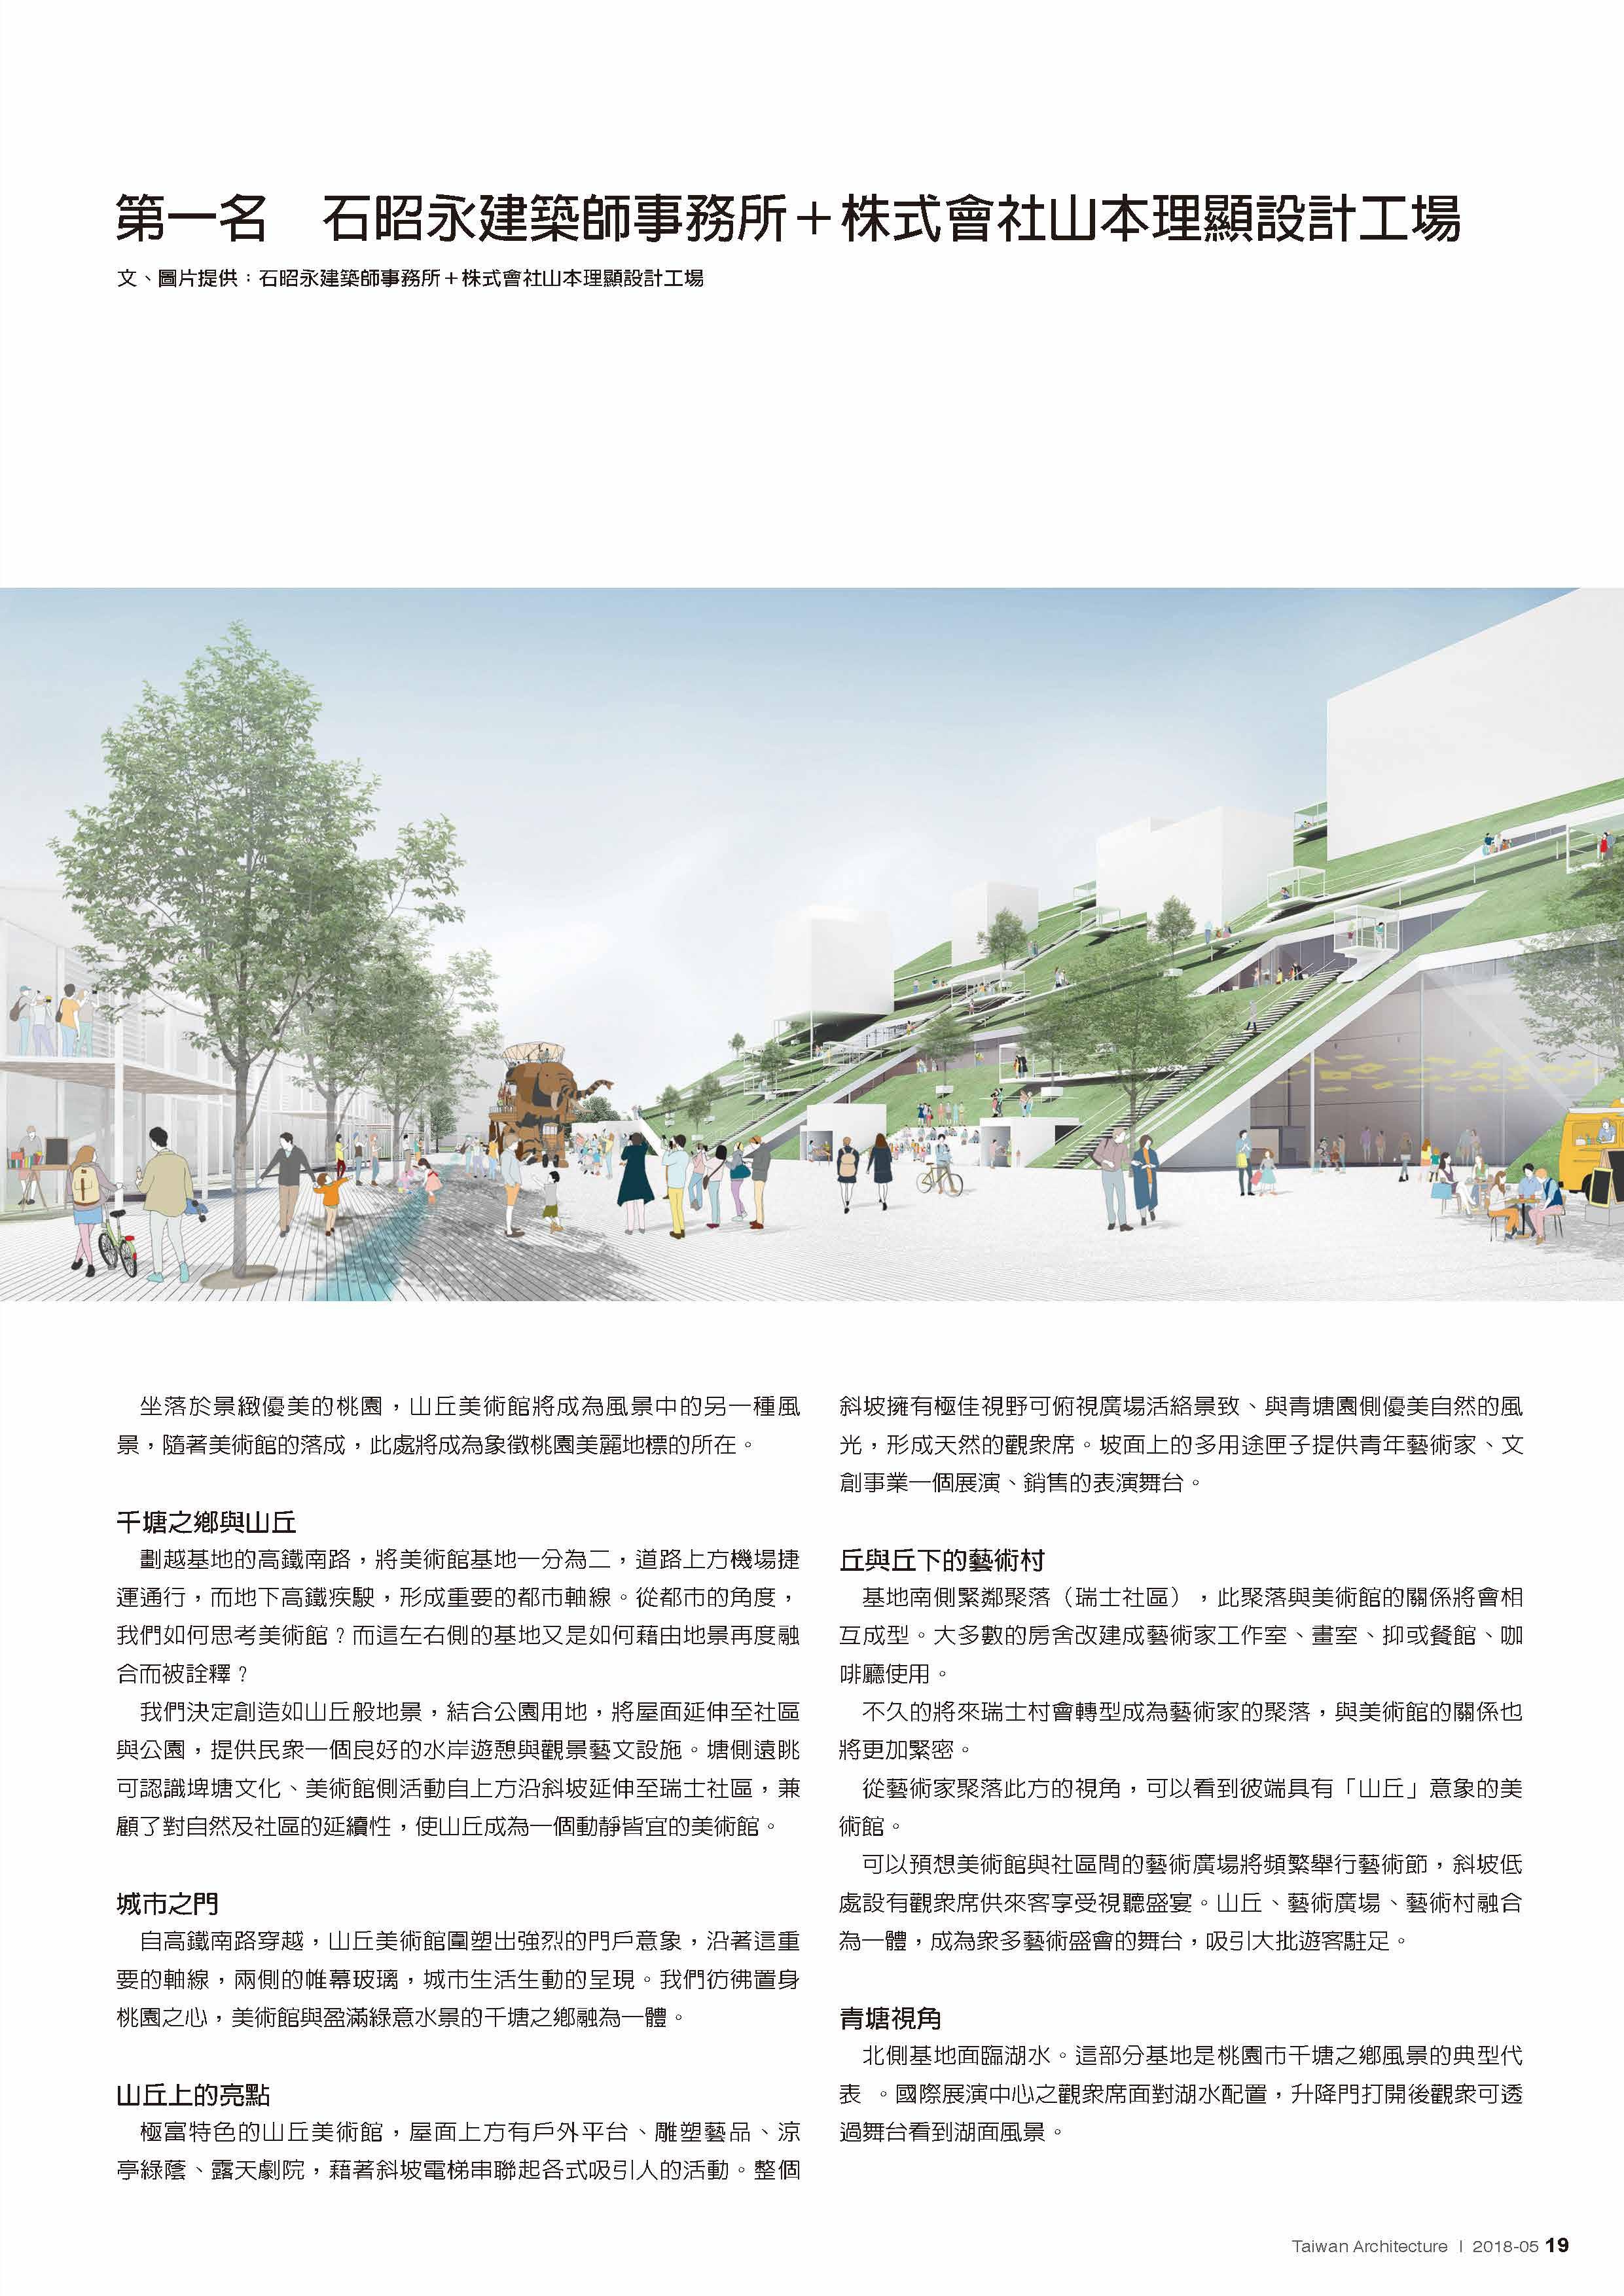 2018-TA-5月號-桃園美術館競圖_頁面_03.jpg